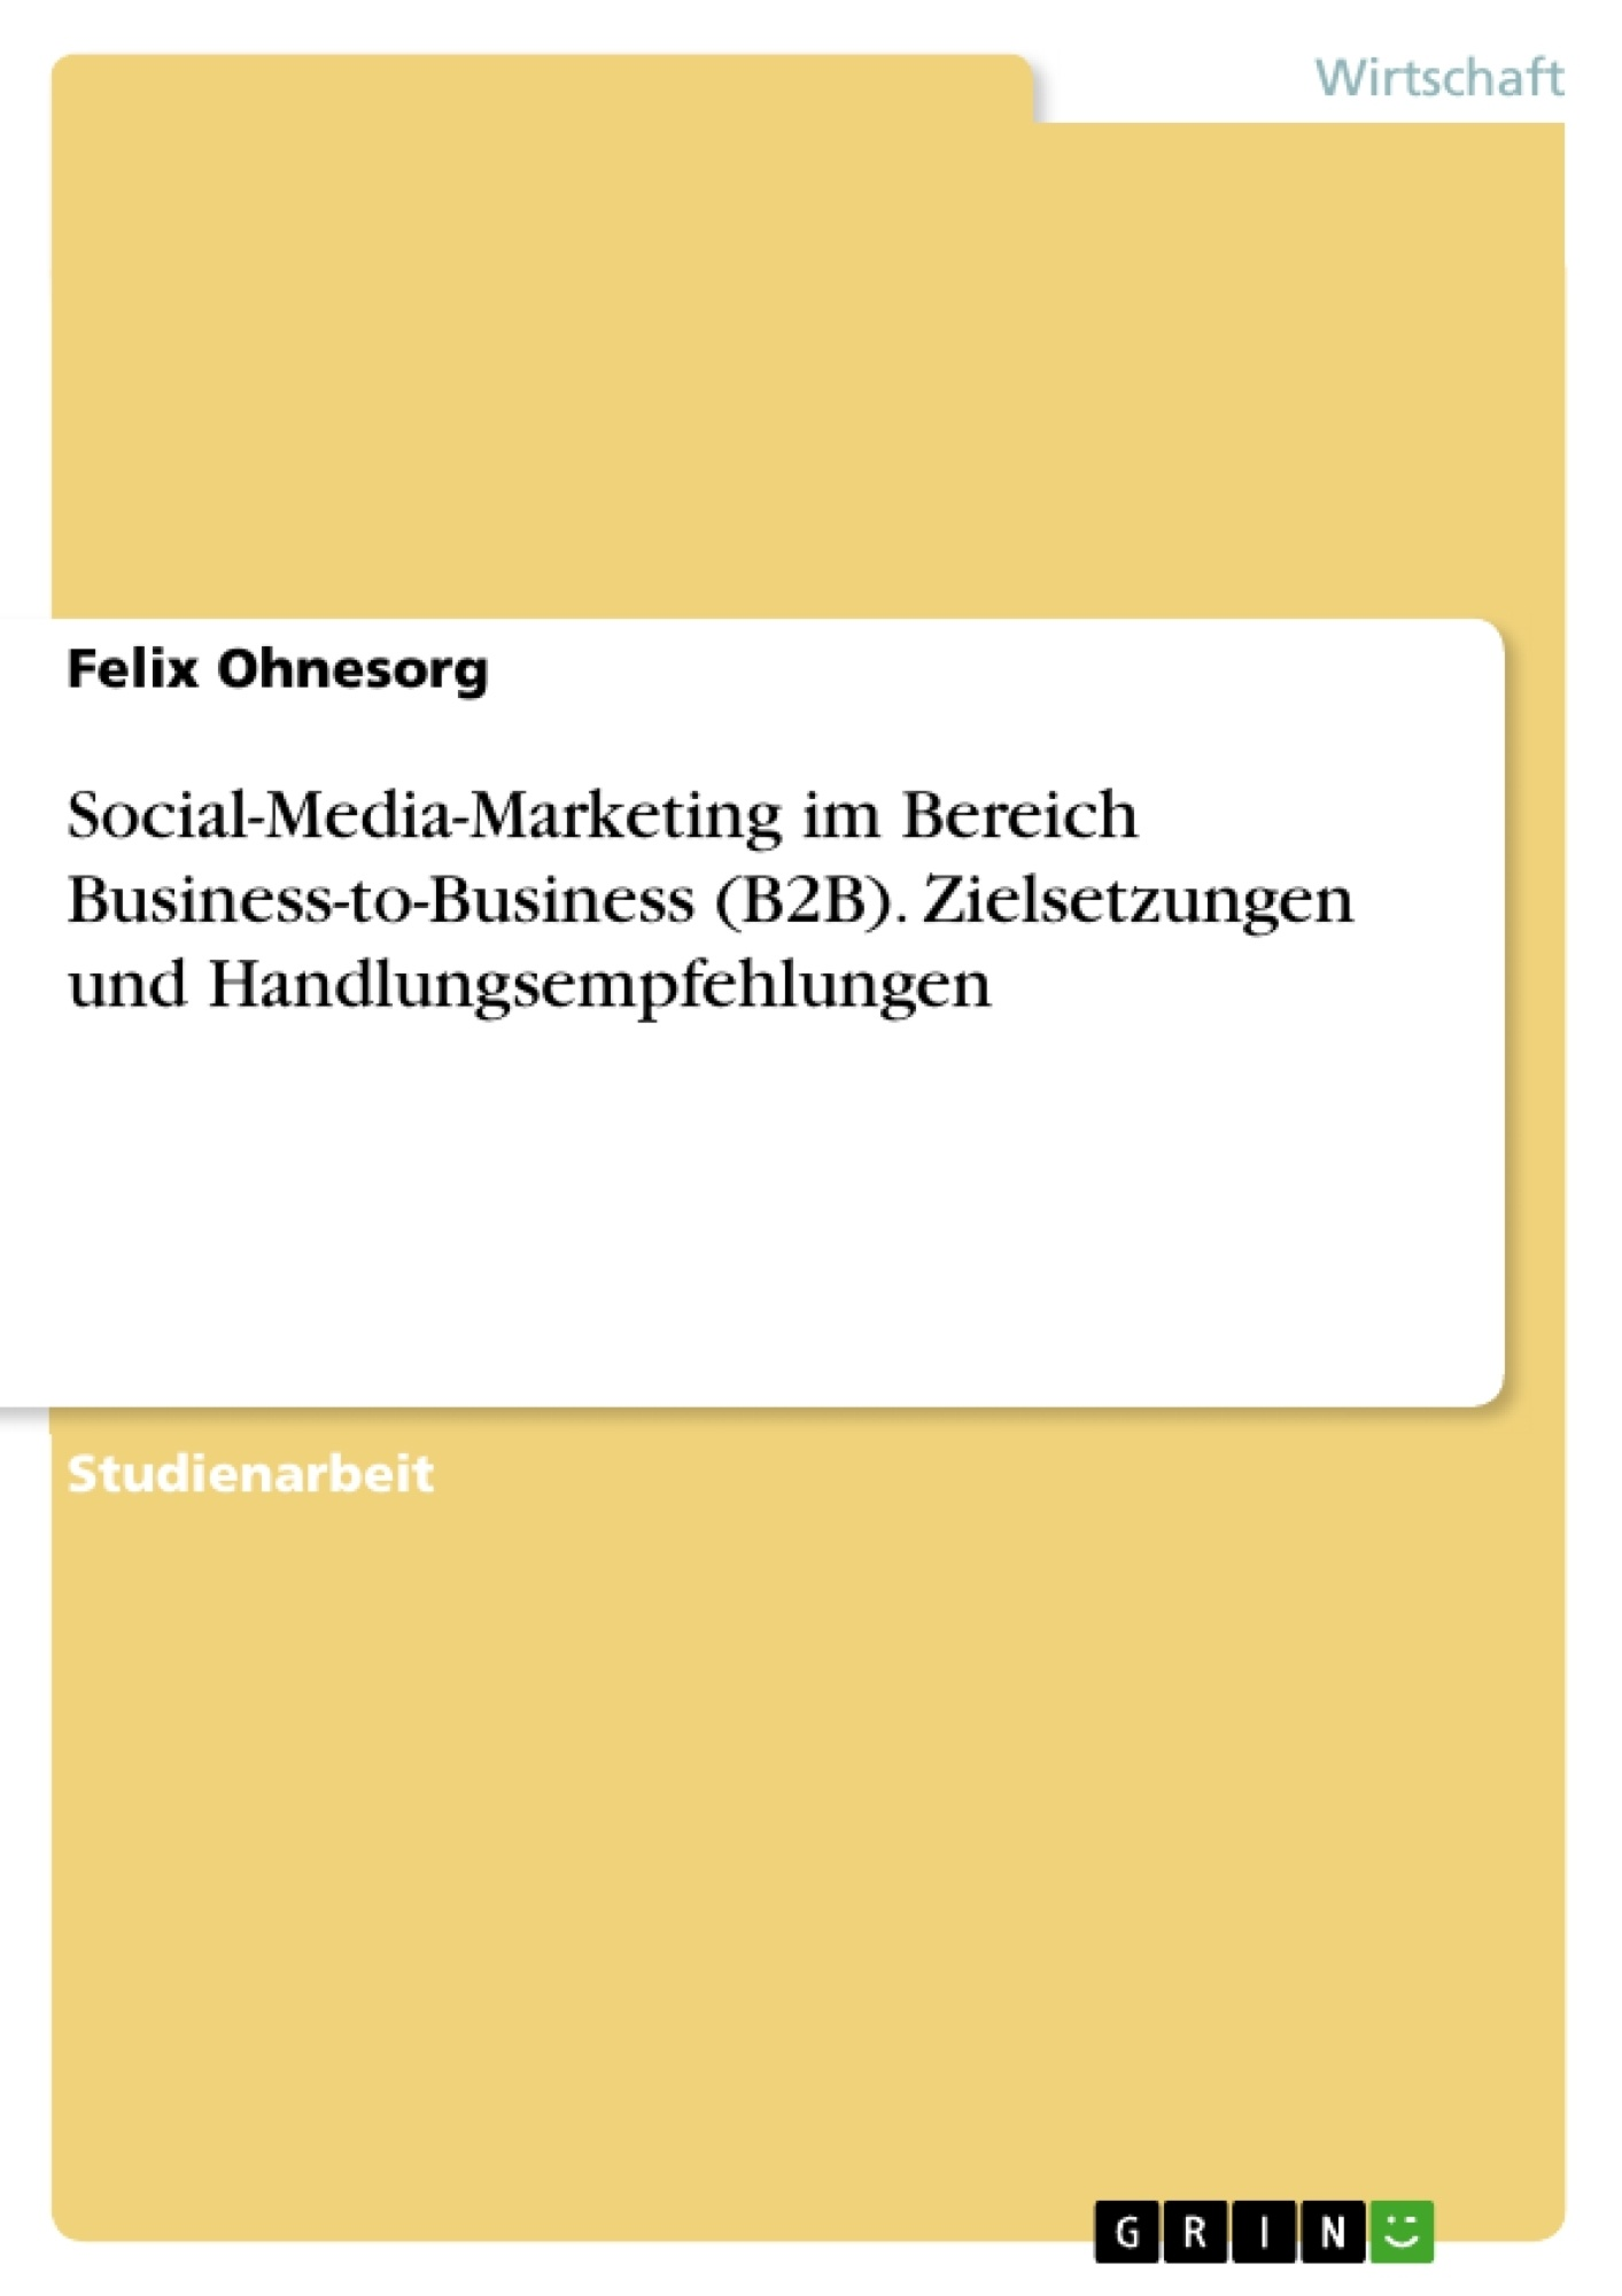 Titel: Social-Media-Marketing im Bereich Business-to-Business (B2B). Zielsetzungen und Handlungsempfehlungen